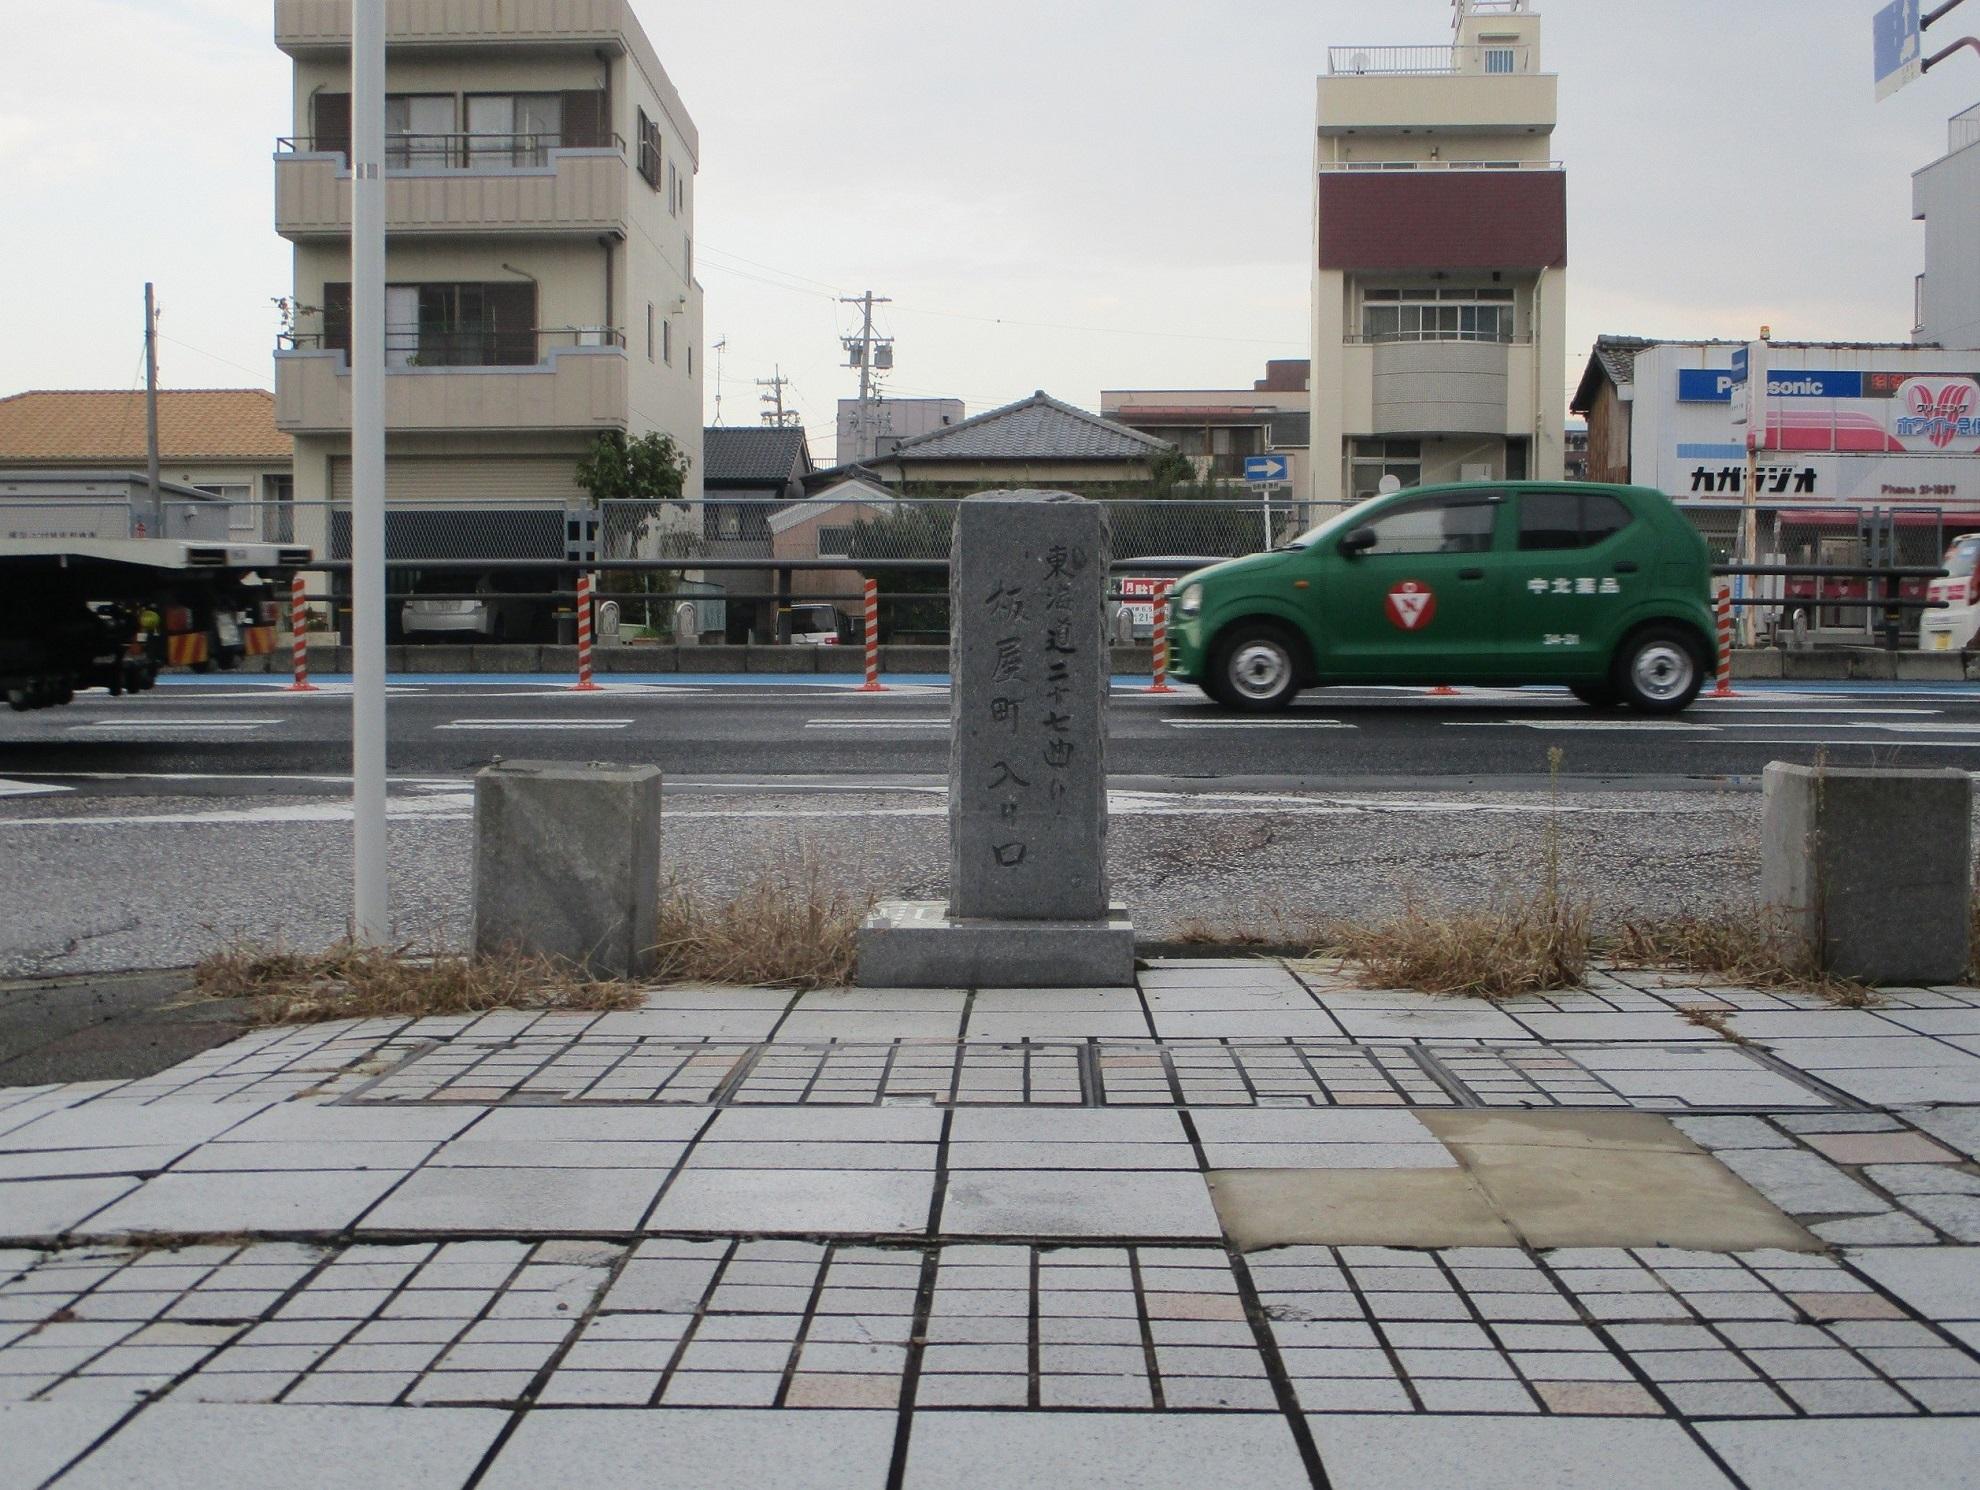 2019.11.11 (12) 岡崎城下27まがり - 「か」のいしぶみ 1980-1490